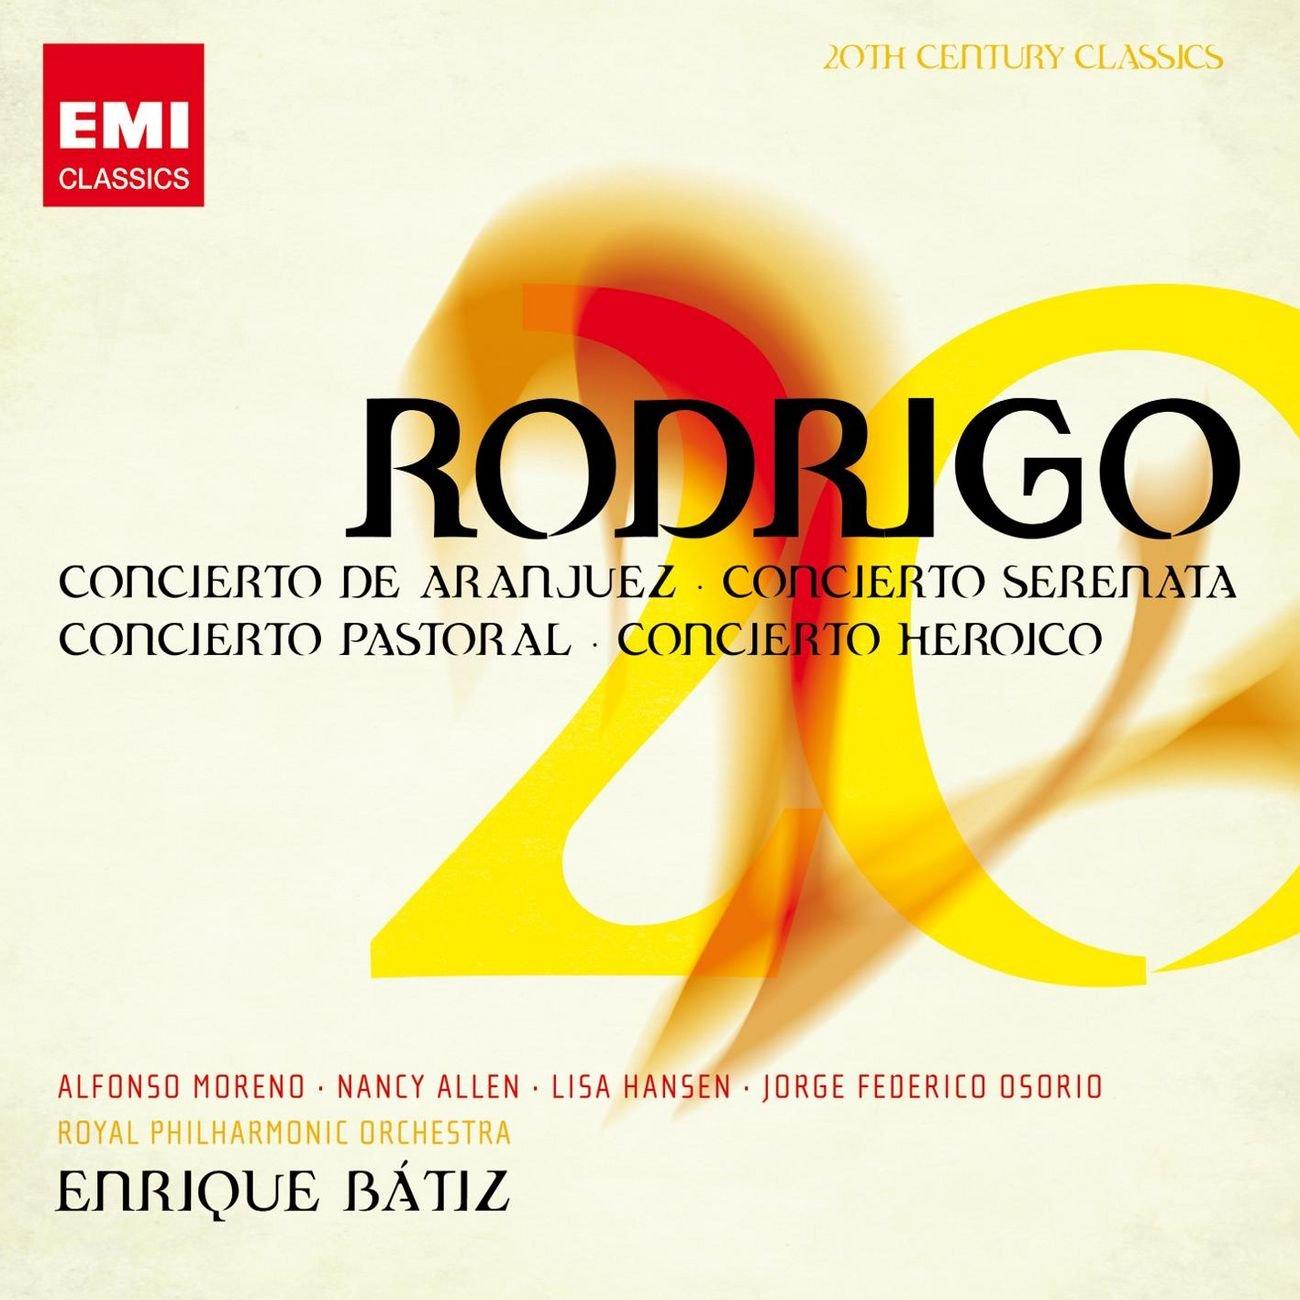 Amazon.com: Rodrigo: Concierto de Aranjuez, Concierto ...